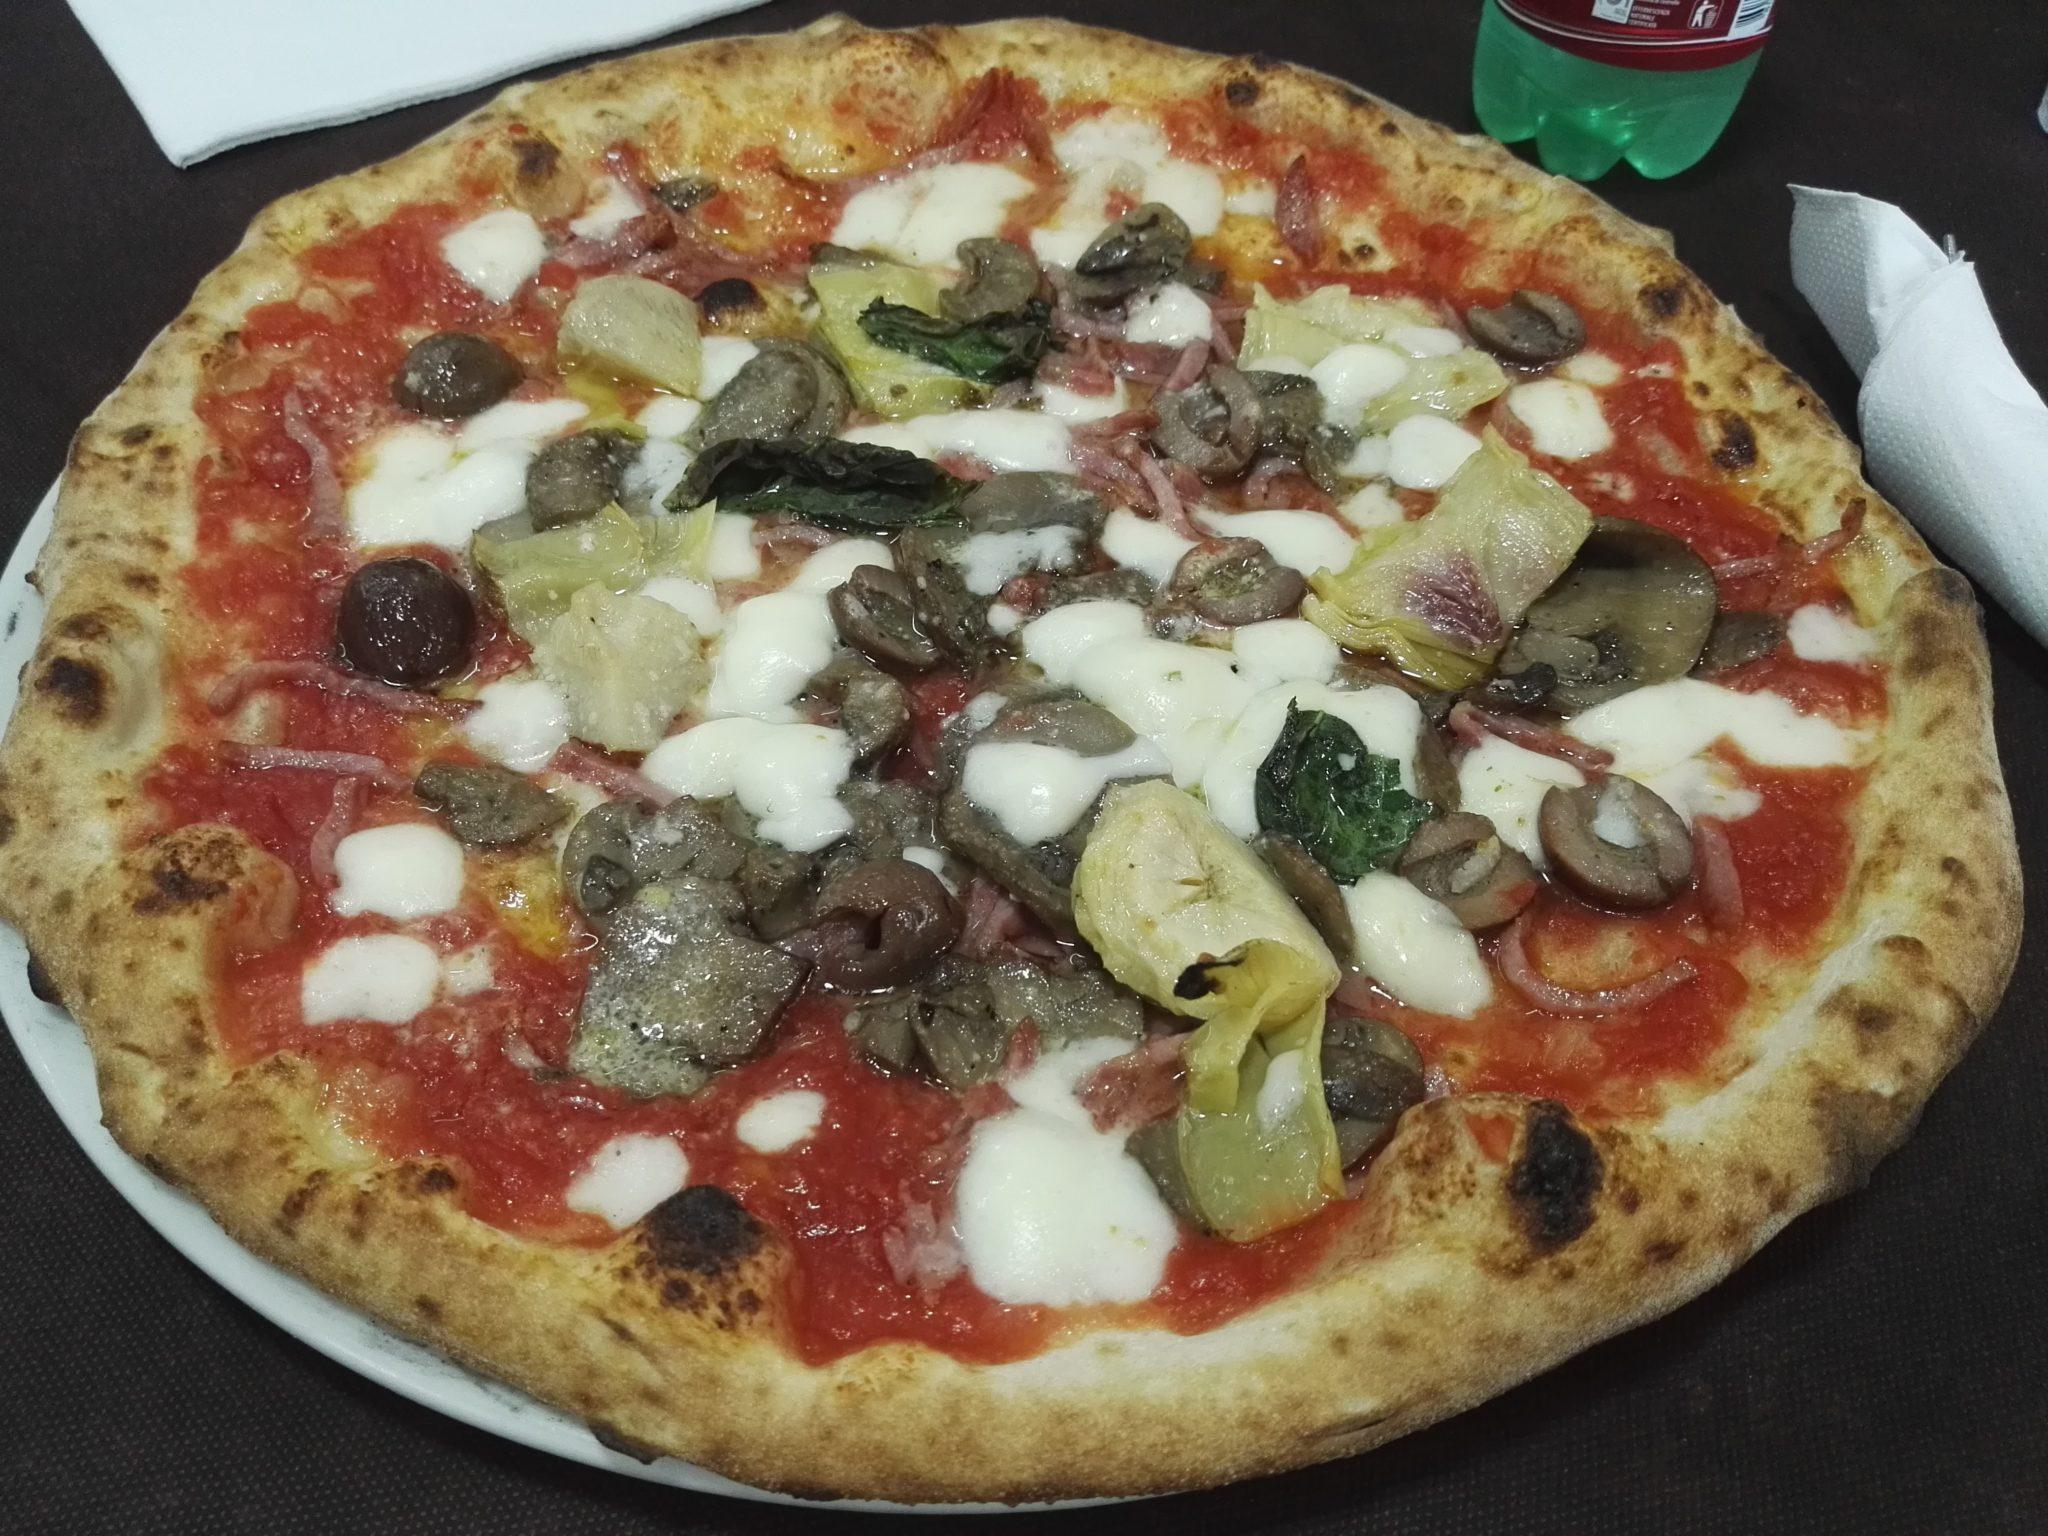 Pizzeria del Popolo Capricciosa